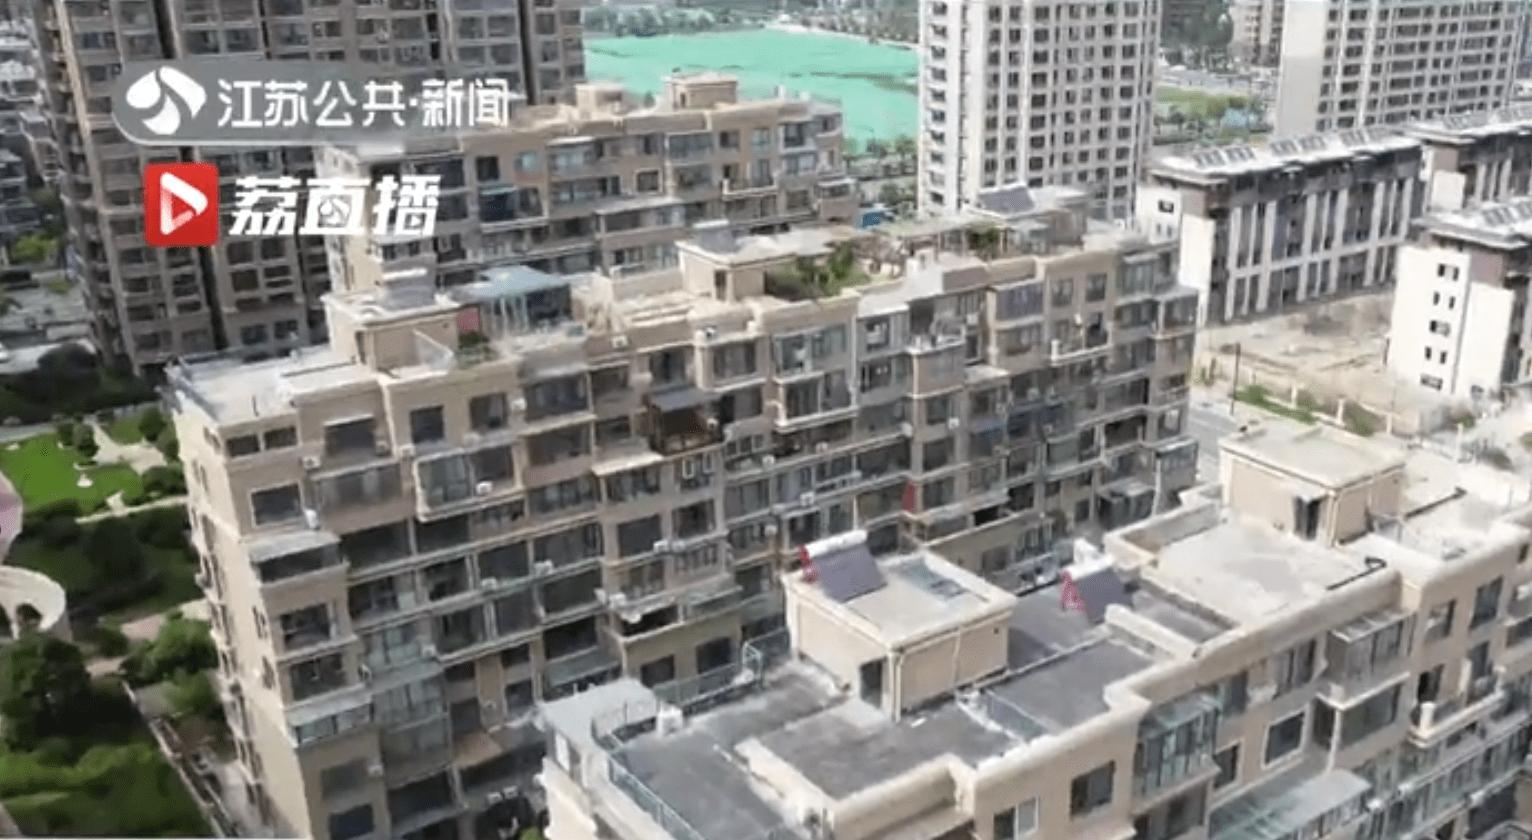 连云港一小区顶楼违建难拆除,一查竟有42户是公职人员